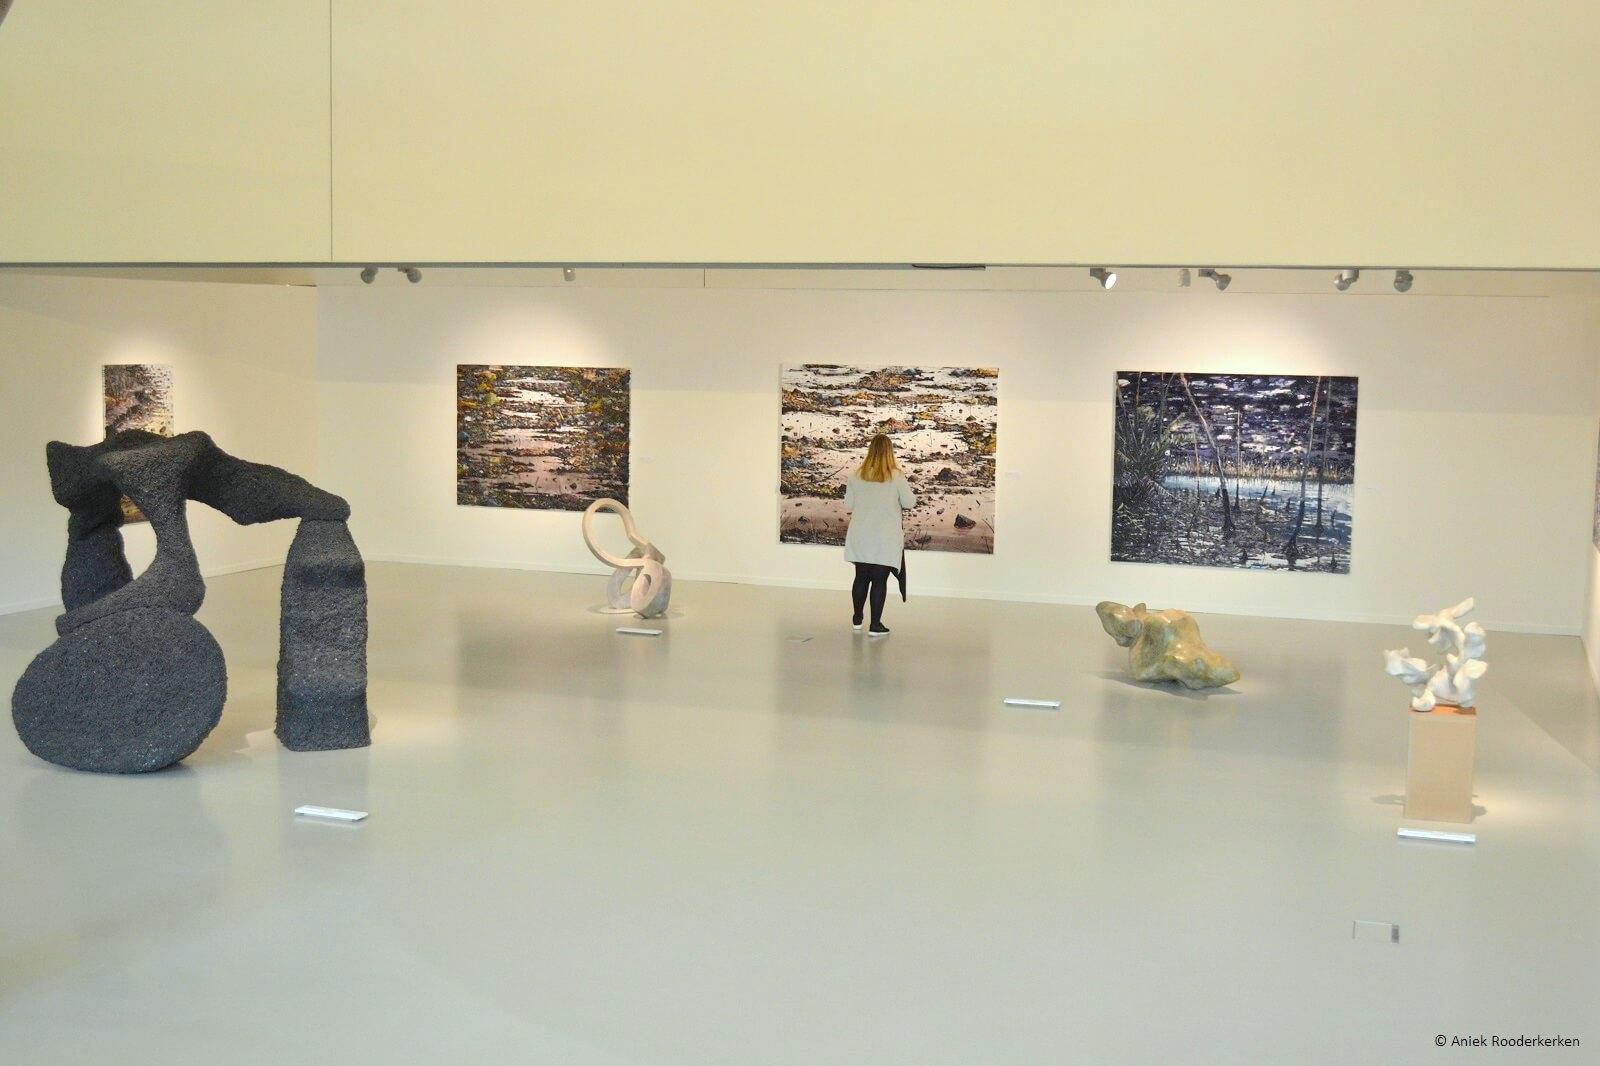 CODA Museum in Apeldoorn